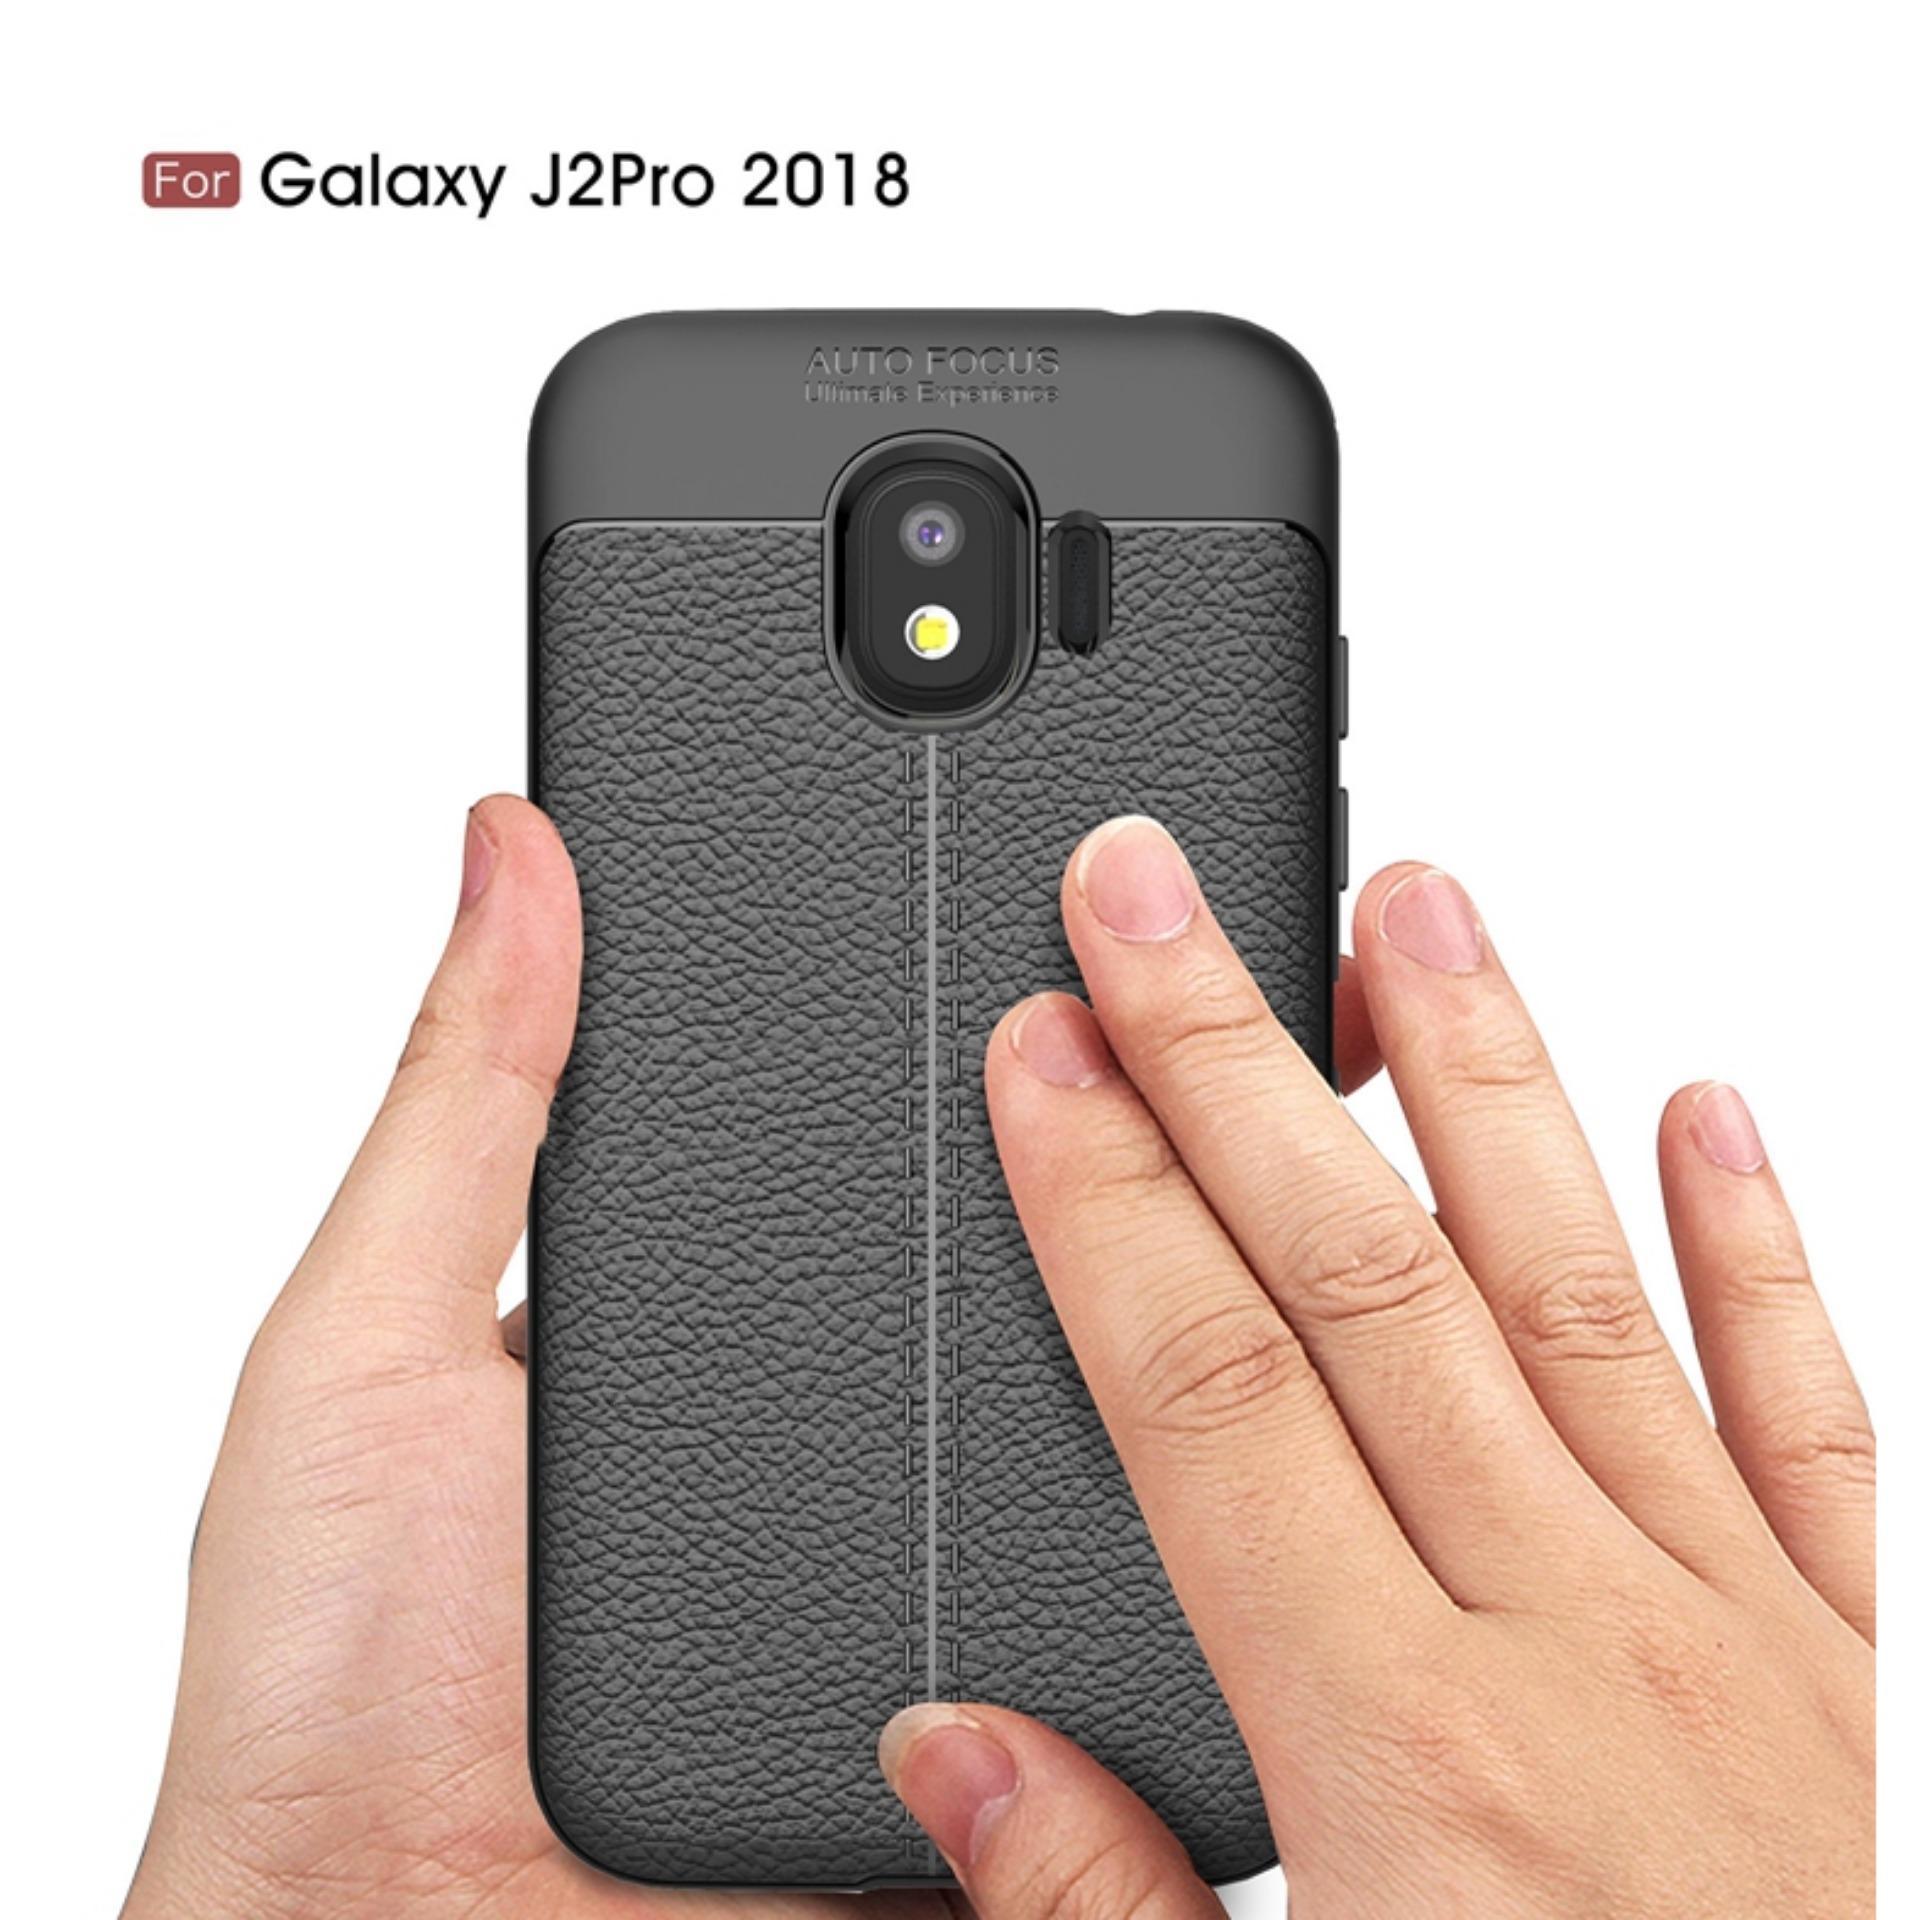 Cek Harga Baru Original Lazada Case Auto Focus For Samsung Galaxy J2